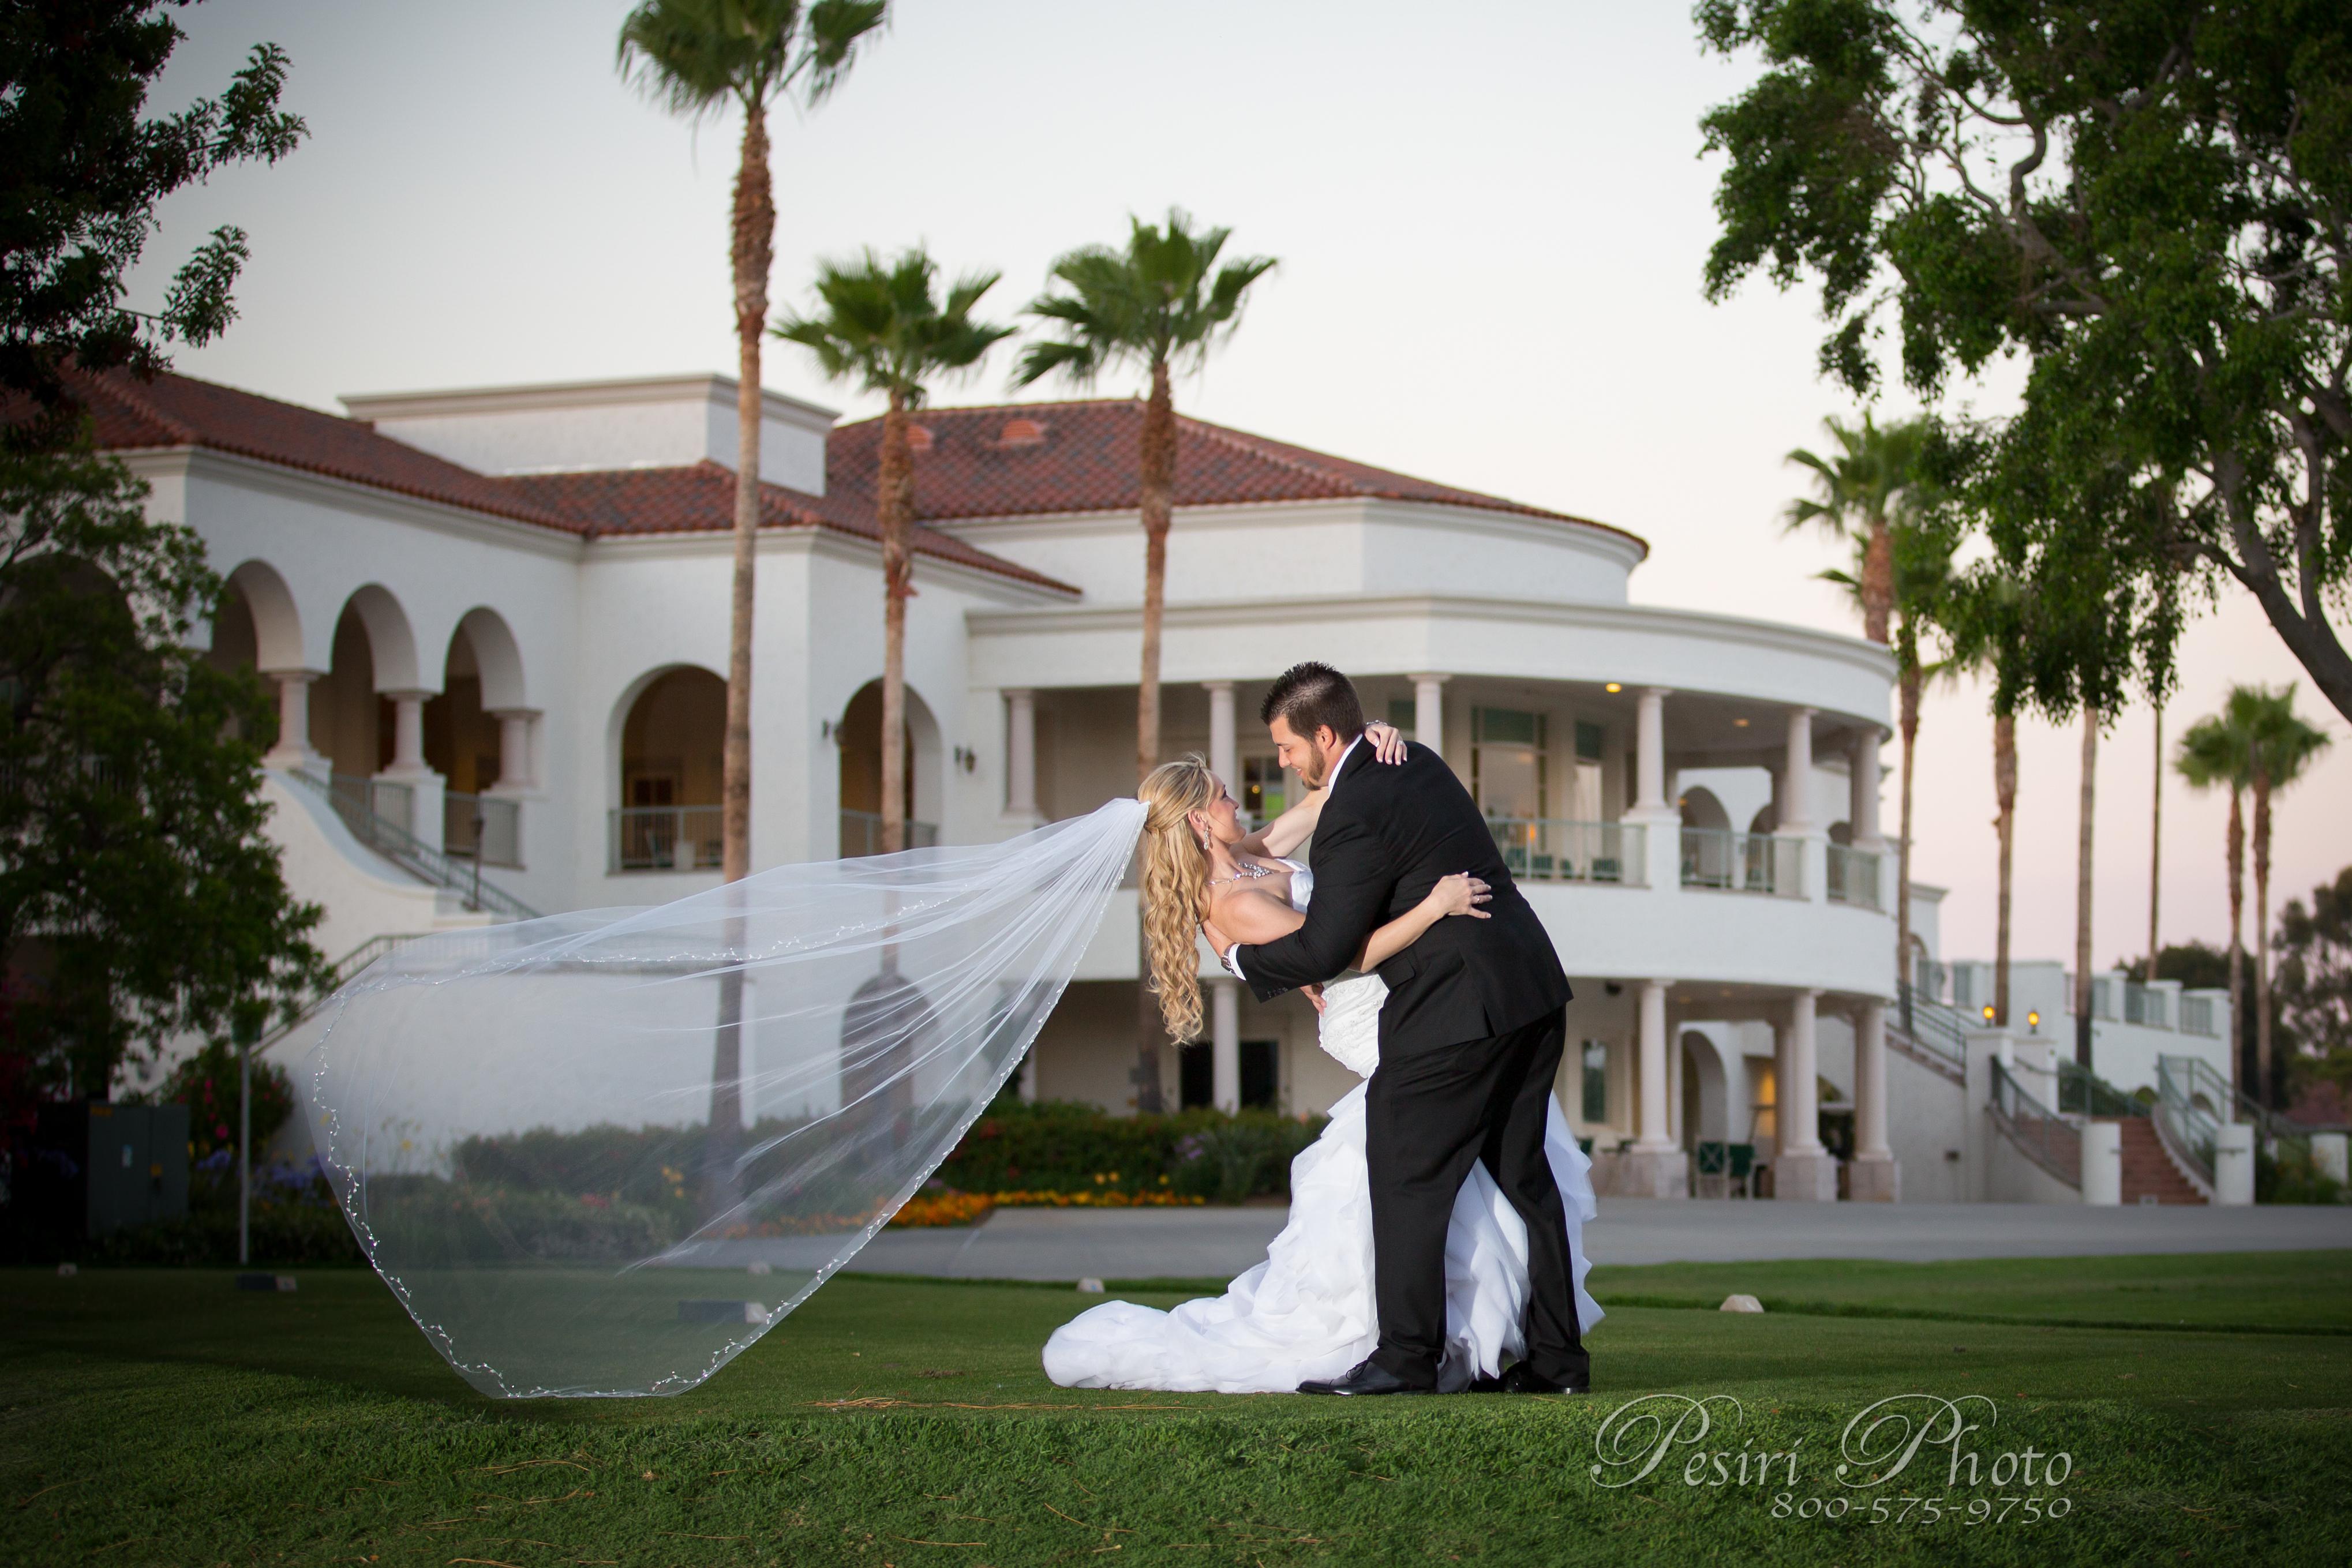 Los Coyotes weddings By Pesiri Photo B-144